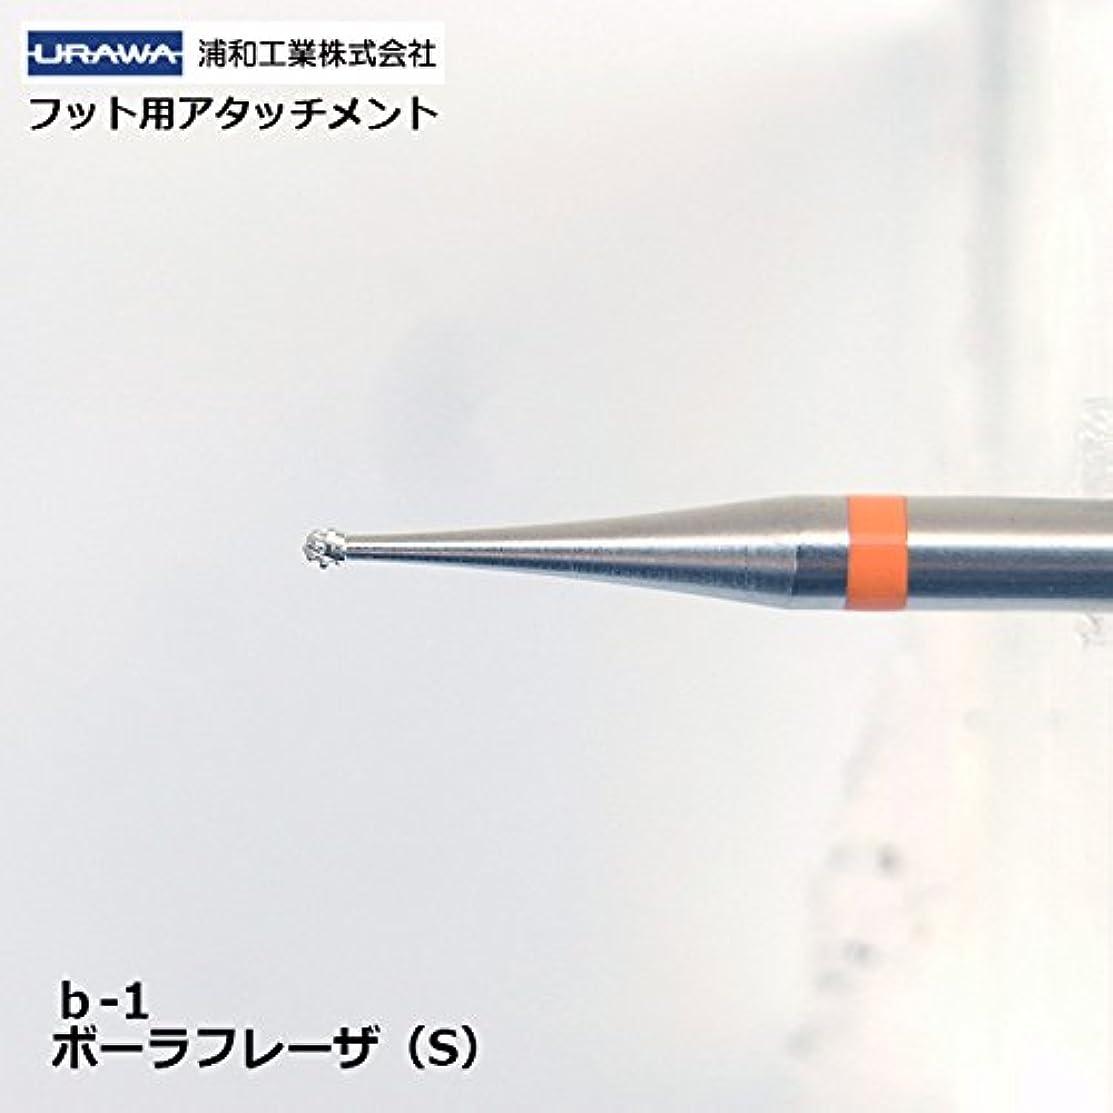 ピルファーも効率【URAWA】ボーラフレーザーS(b-1)【フット用アタッチメント】